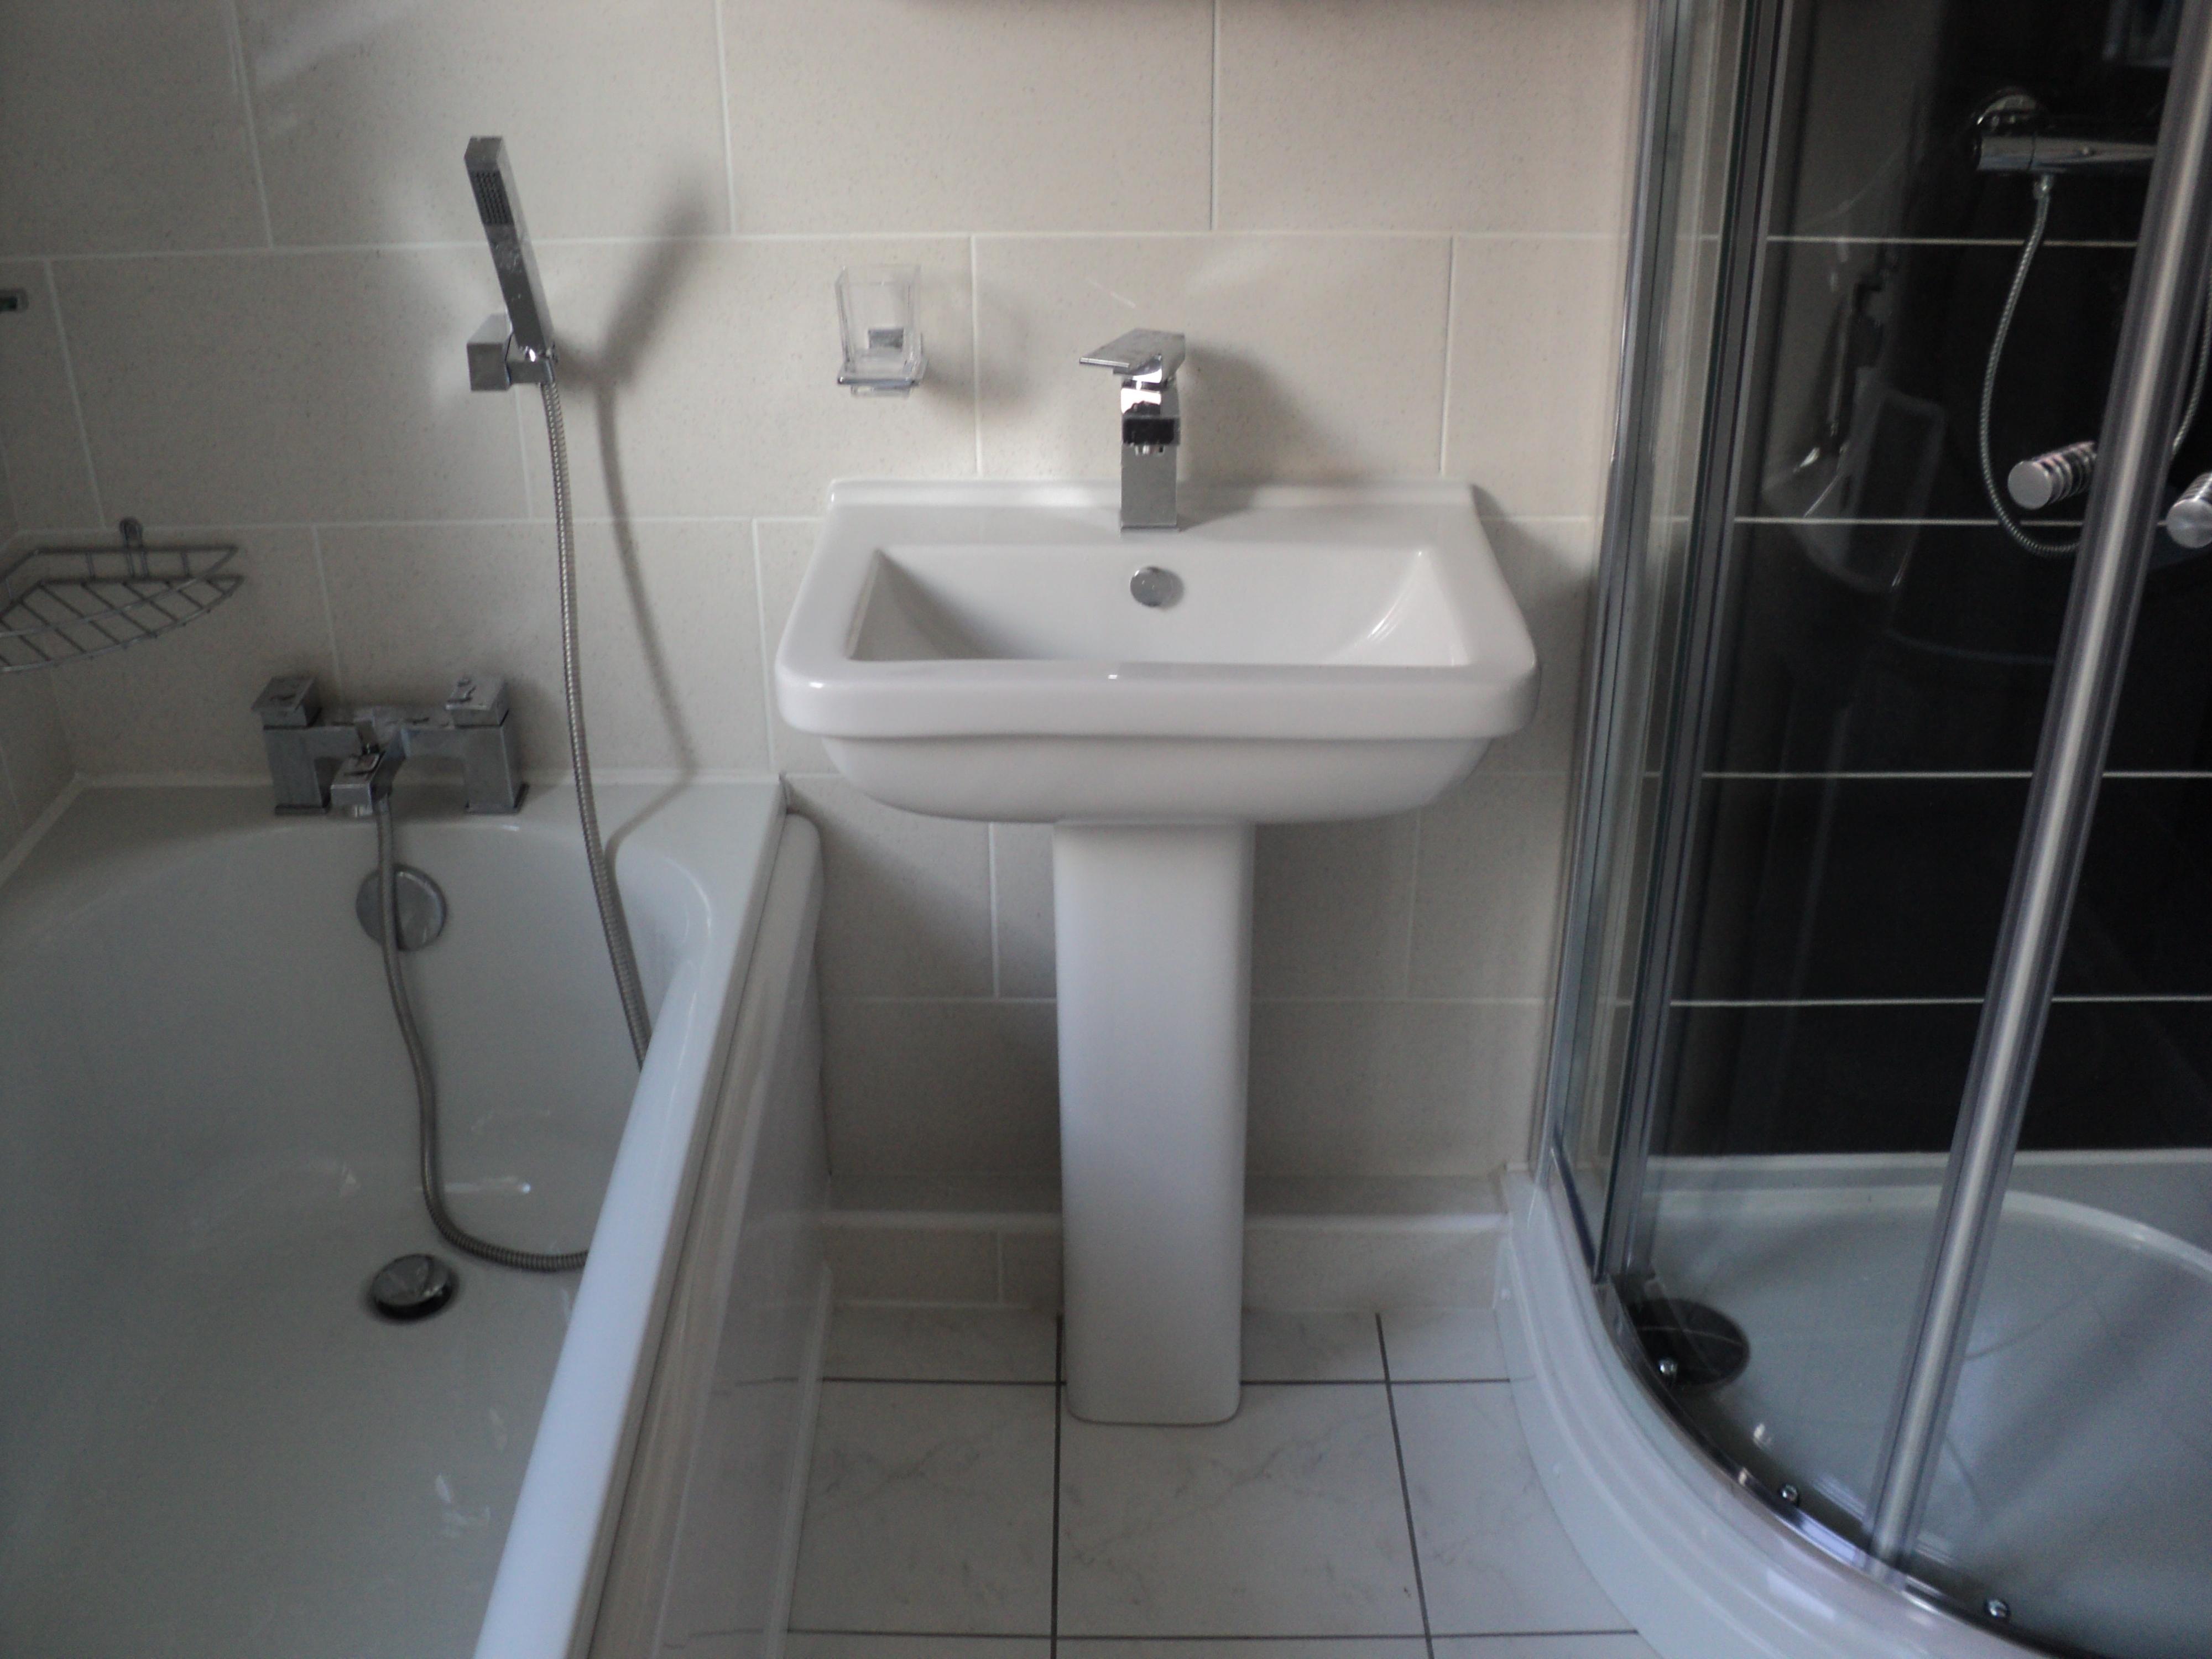 Inspirational Bathrooms: Bathroom Inspiration The Shower Quadrant